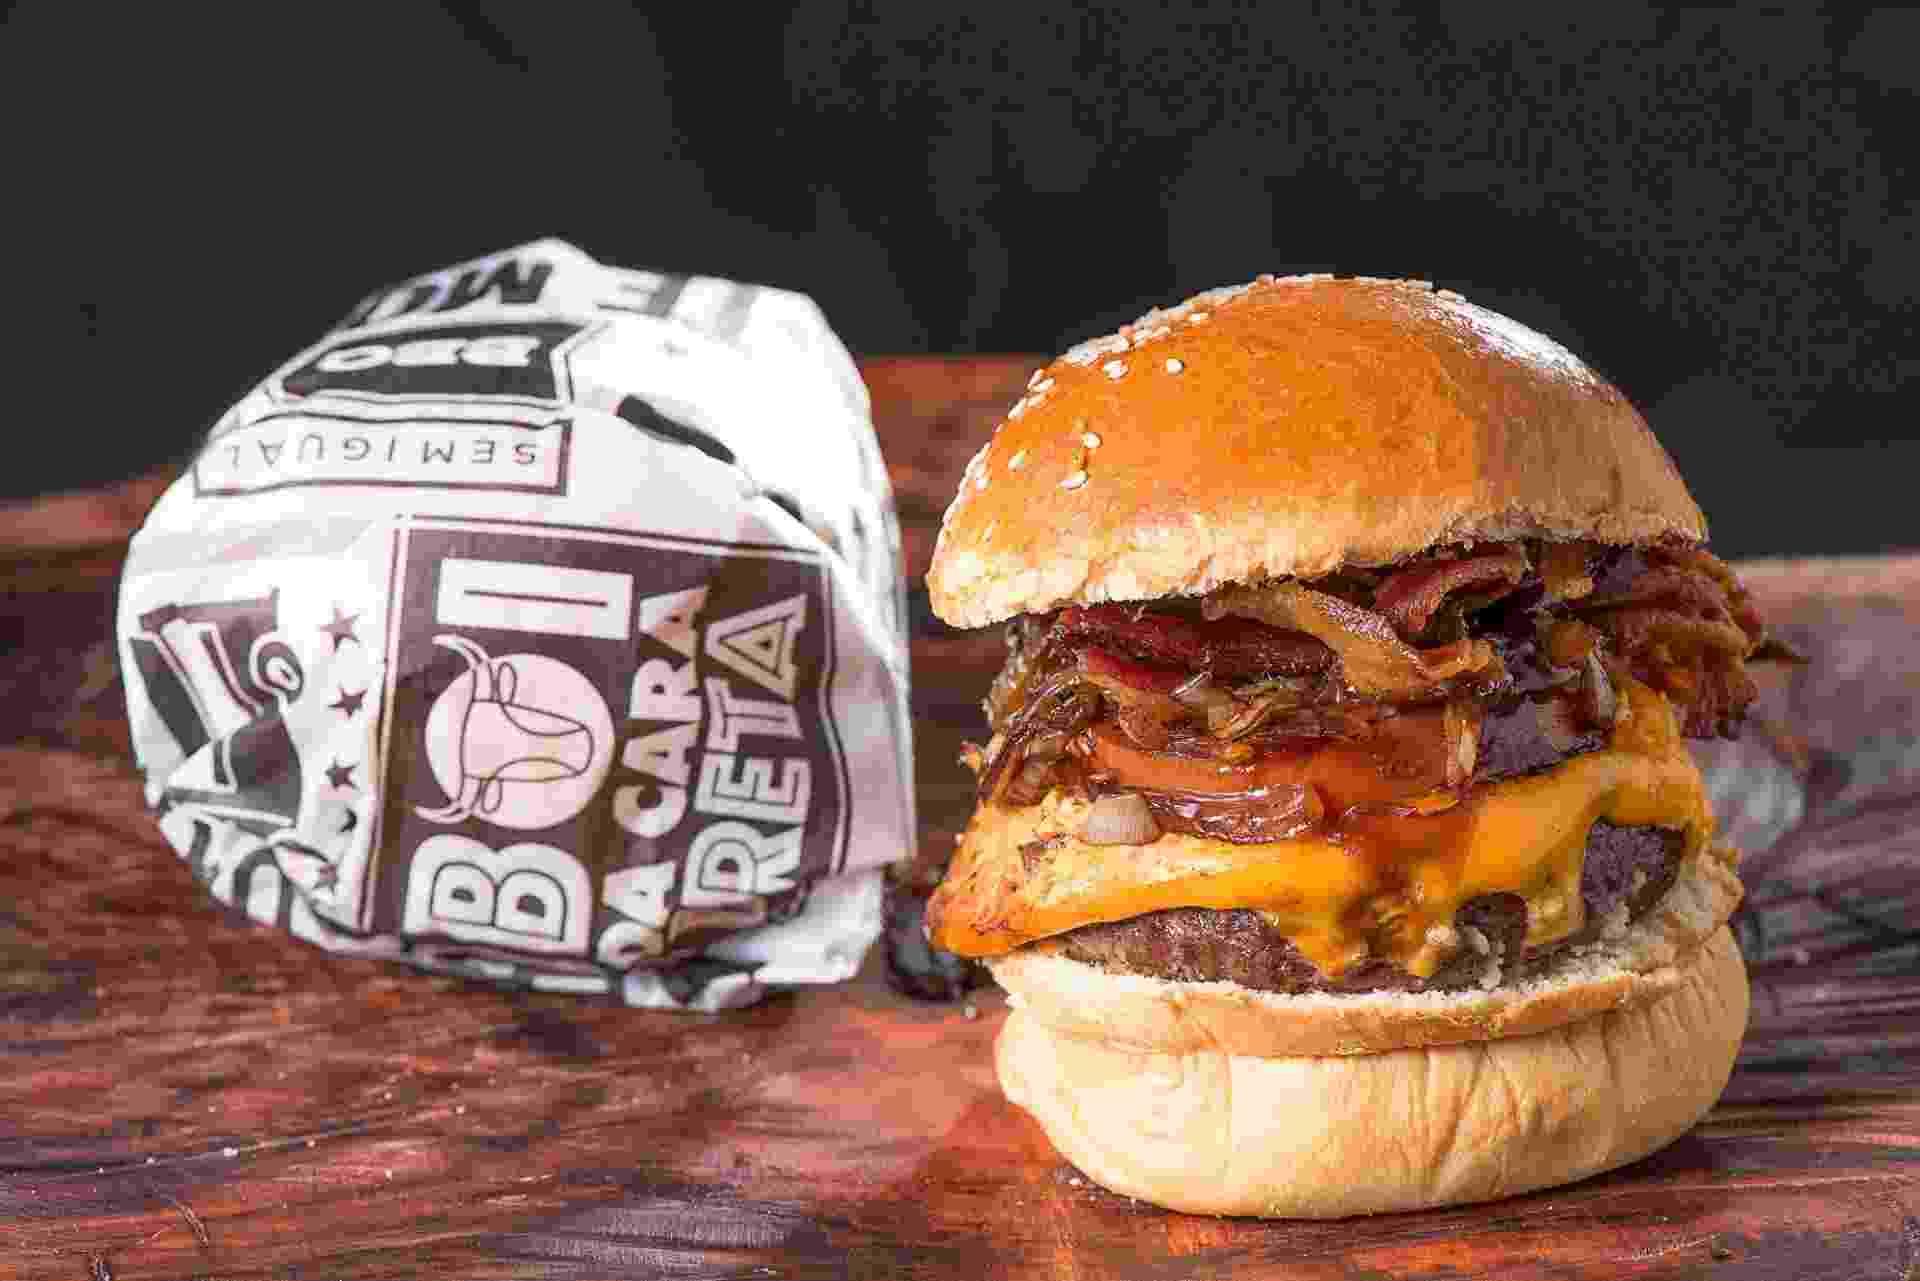 Boi da Cara Preta Bull Burger - Divulgação